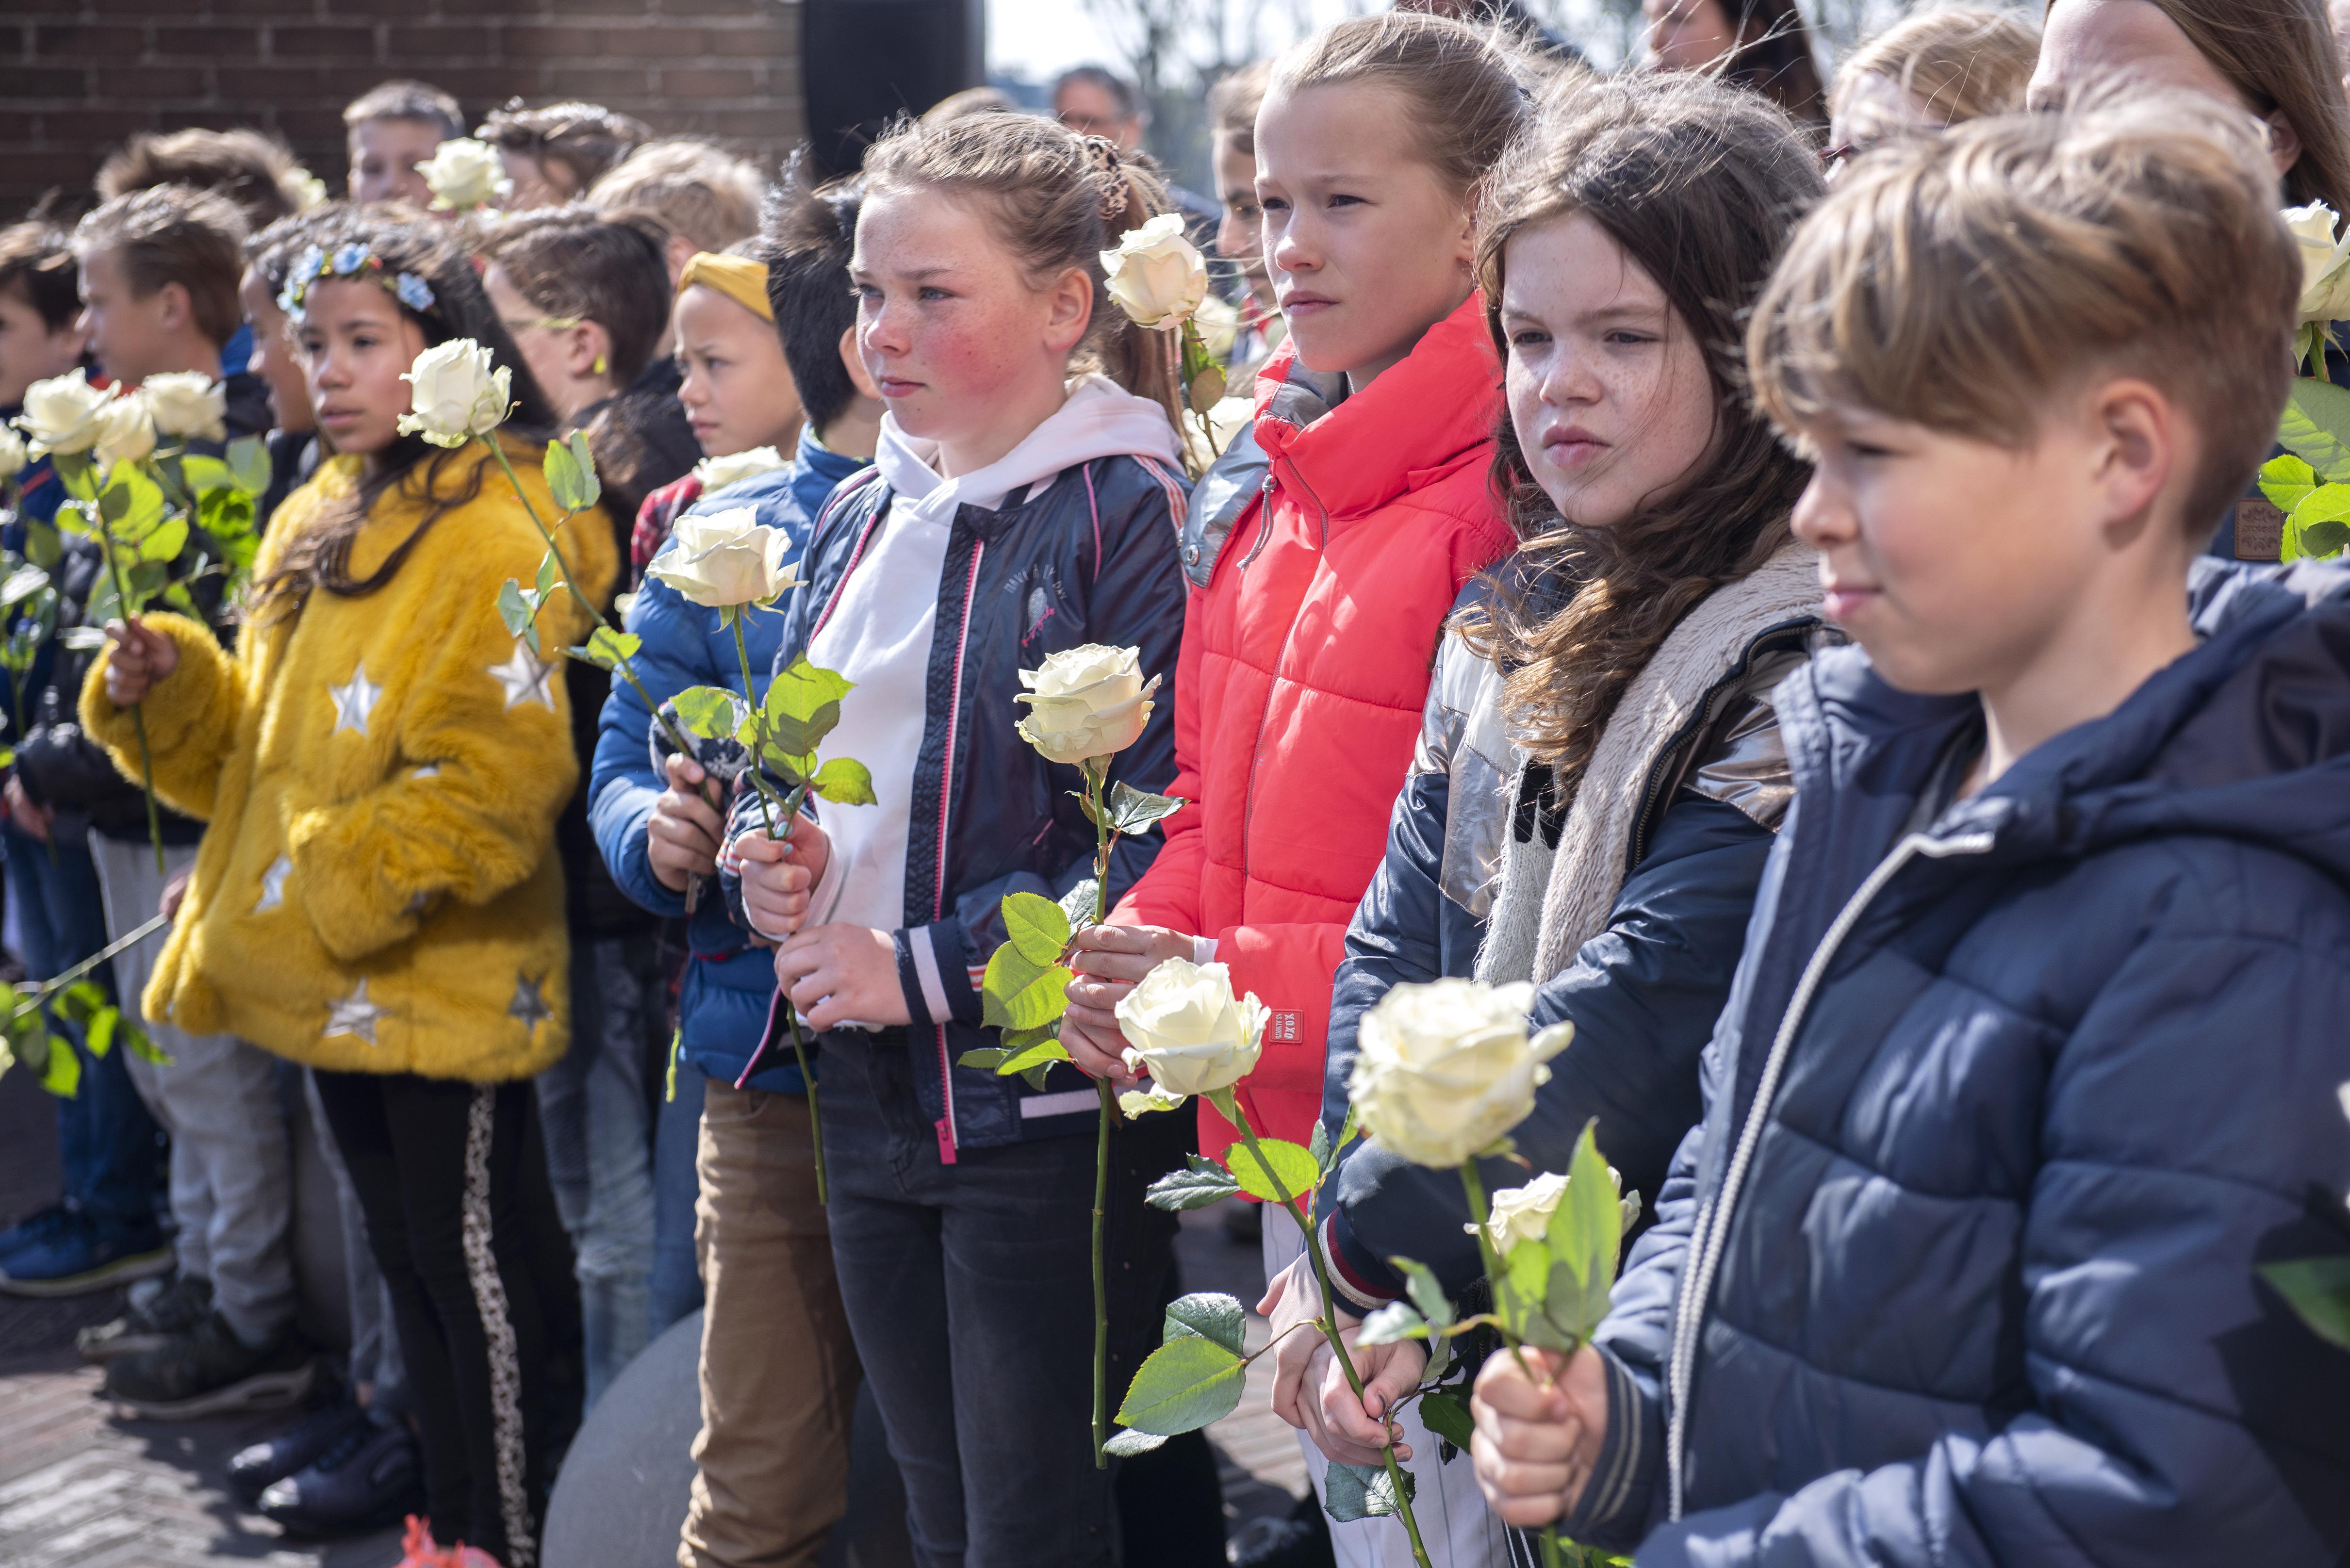 Herdenking van razzia 16 april 1944 in Beverwijk gaat niet door vanwege coronacrisis